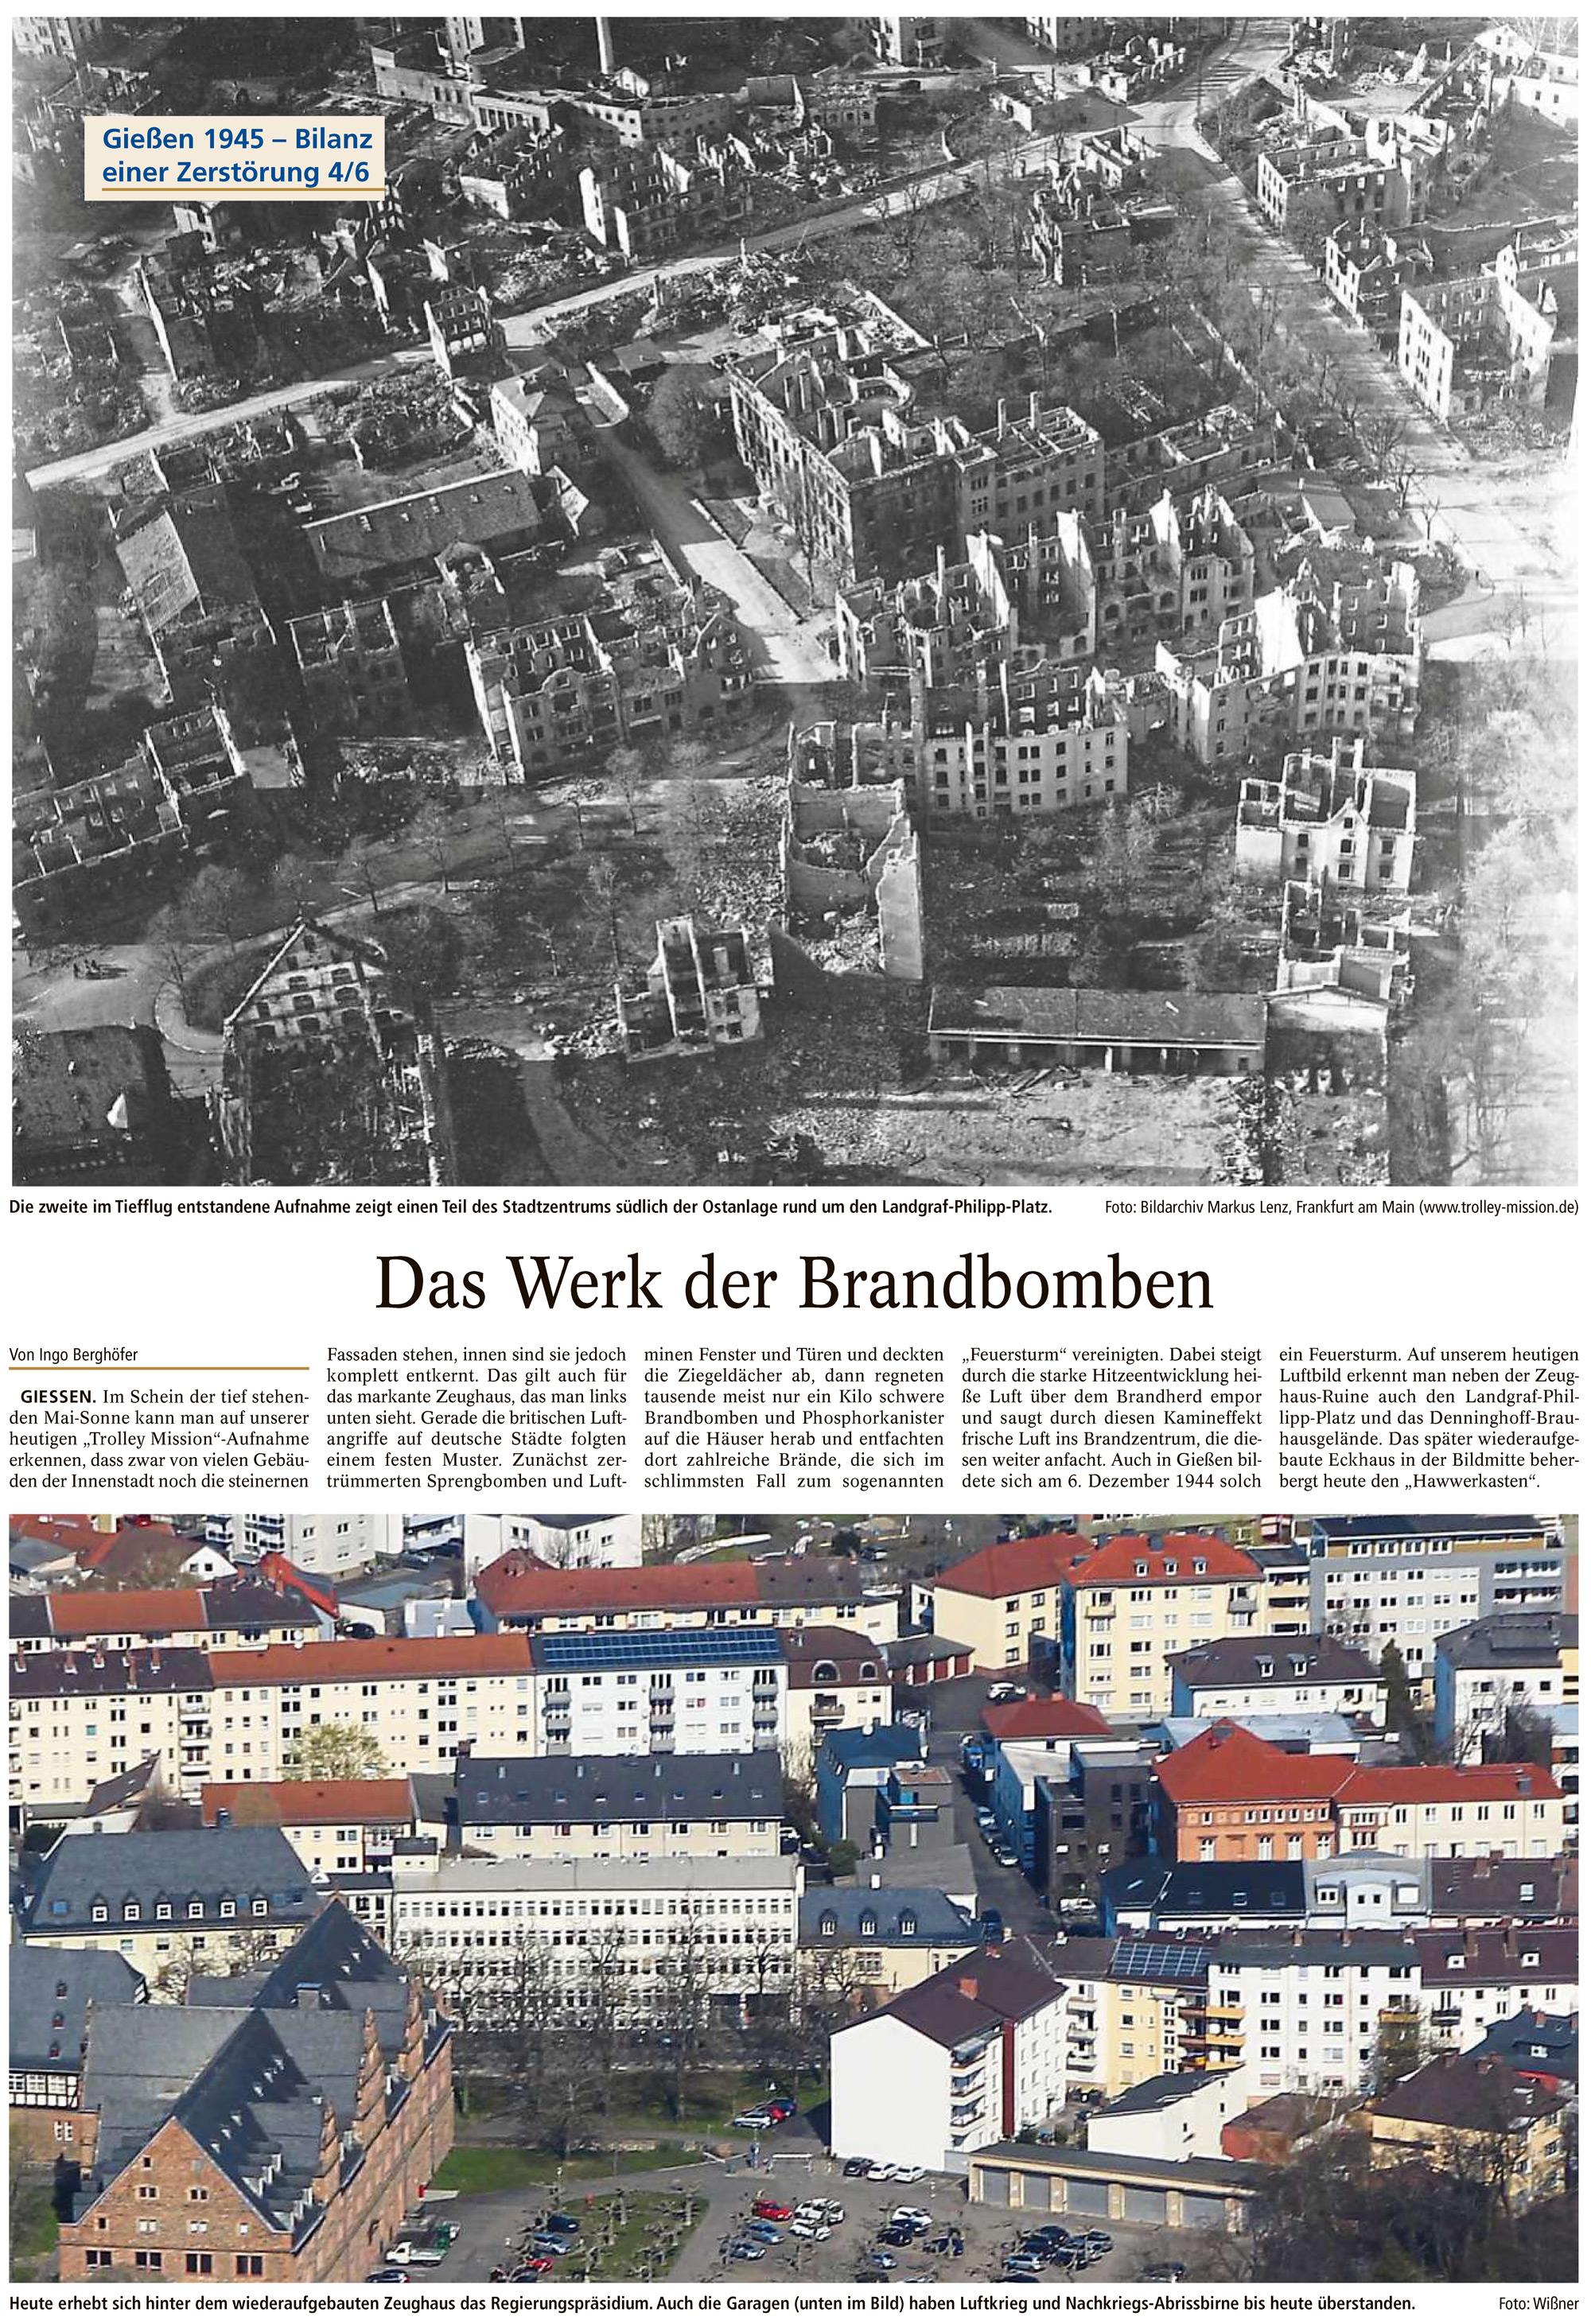 Gießener Anzeiger: Das Werk der Brandbomben